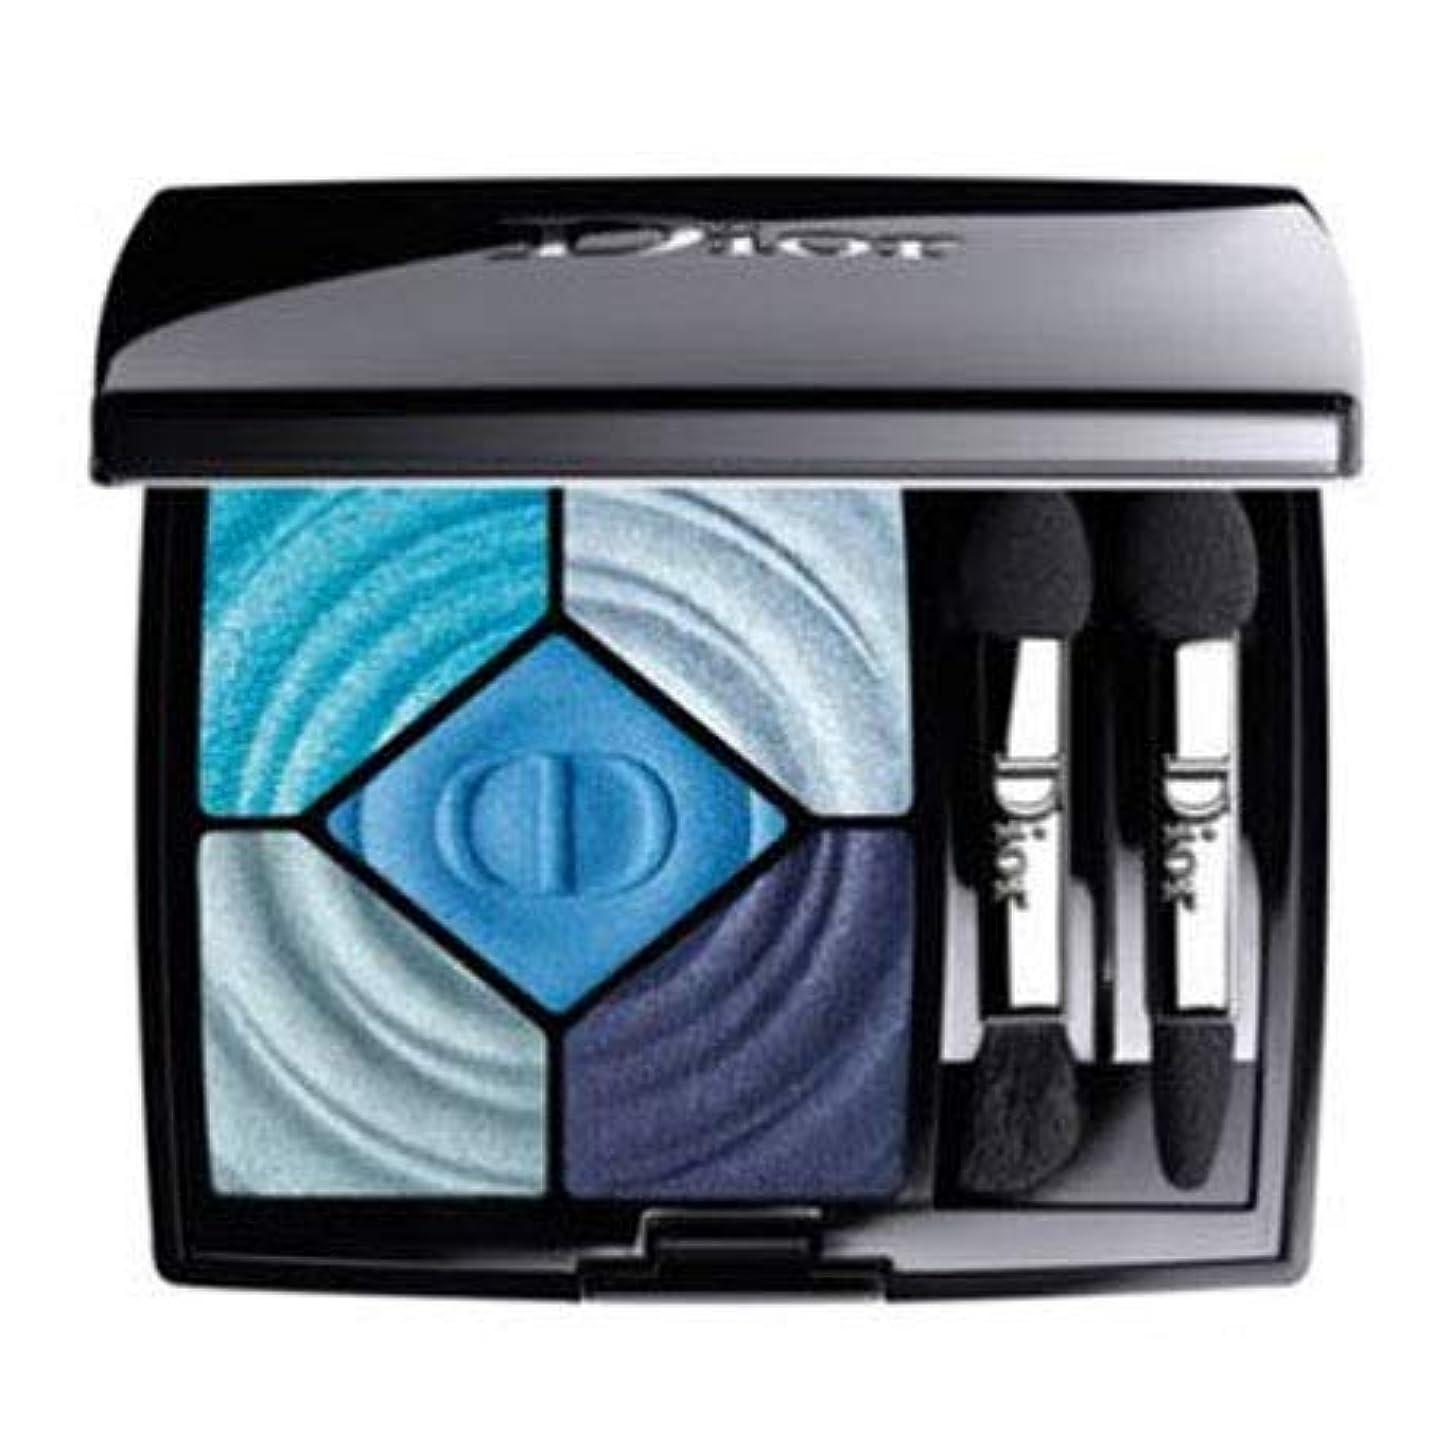 ルートハックふさわしいディオール サンク クルール 限定色 #367 クール ダウン -Dior- 【並行輸入品】